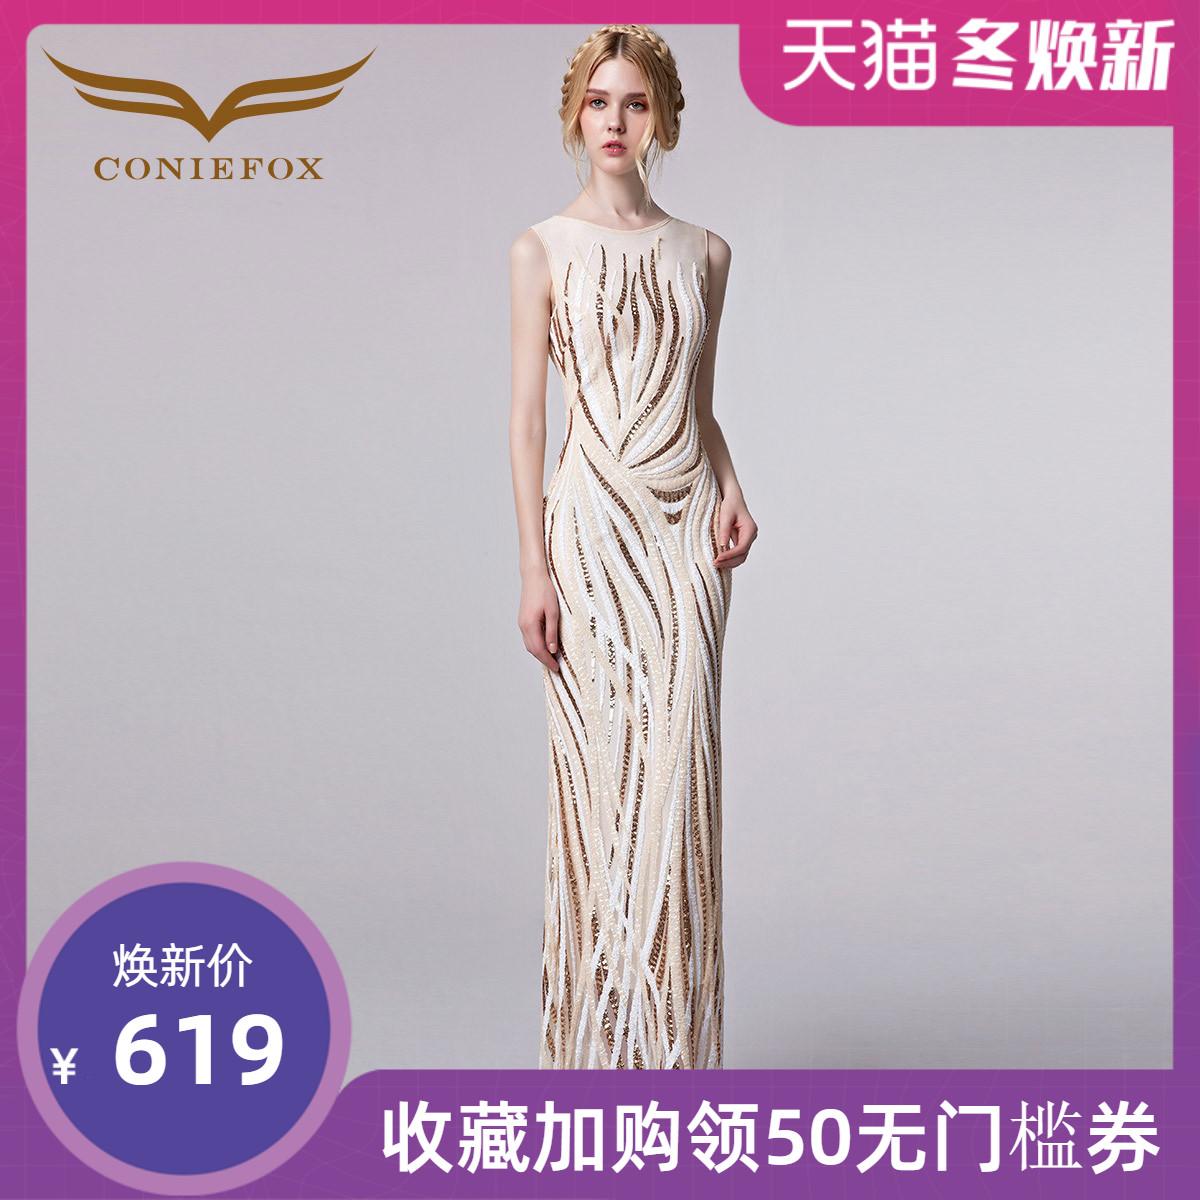 创意狐2019新款年会宴会晚礼服订婚衣服晚装长款修身主持人礼服女